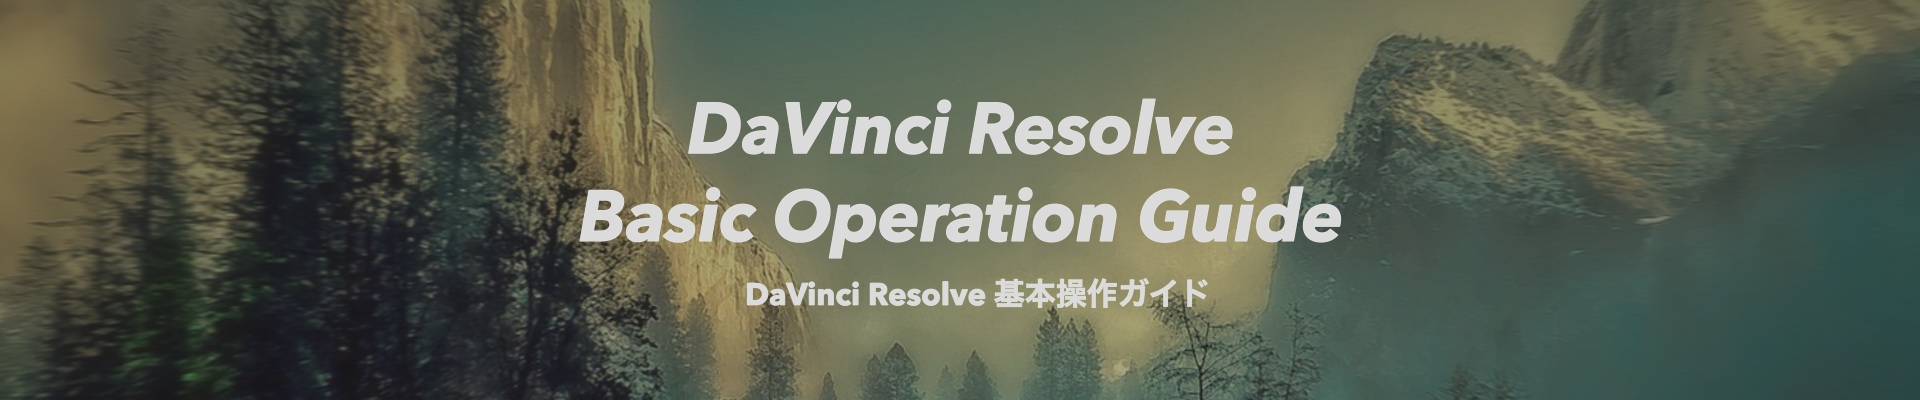 DaVinci Resolve 基本操作ガイド